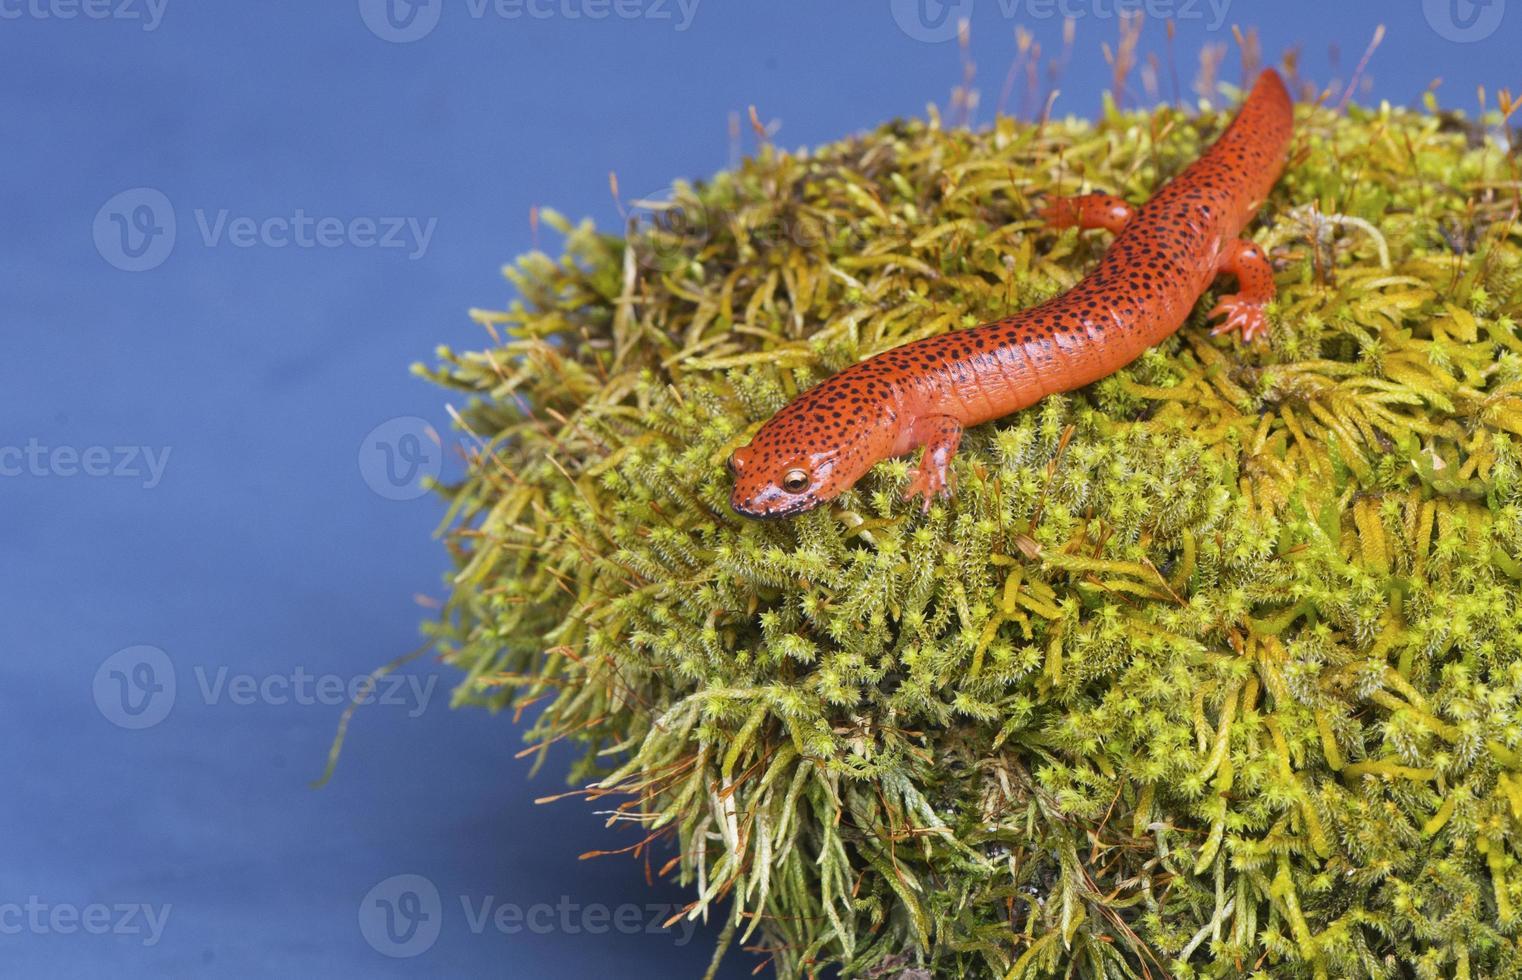 salamandra dalle labbra nere che si siede su una roccia coperta di muschio. foto